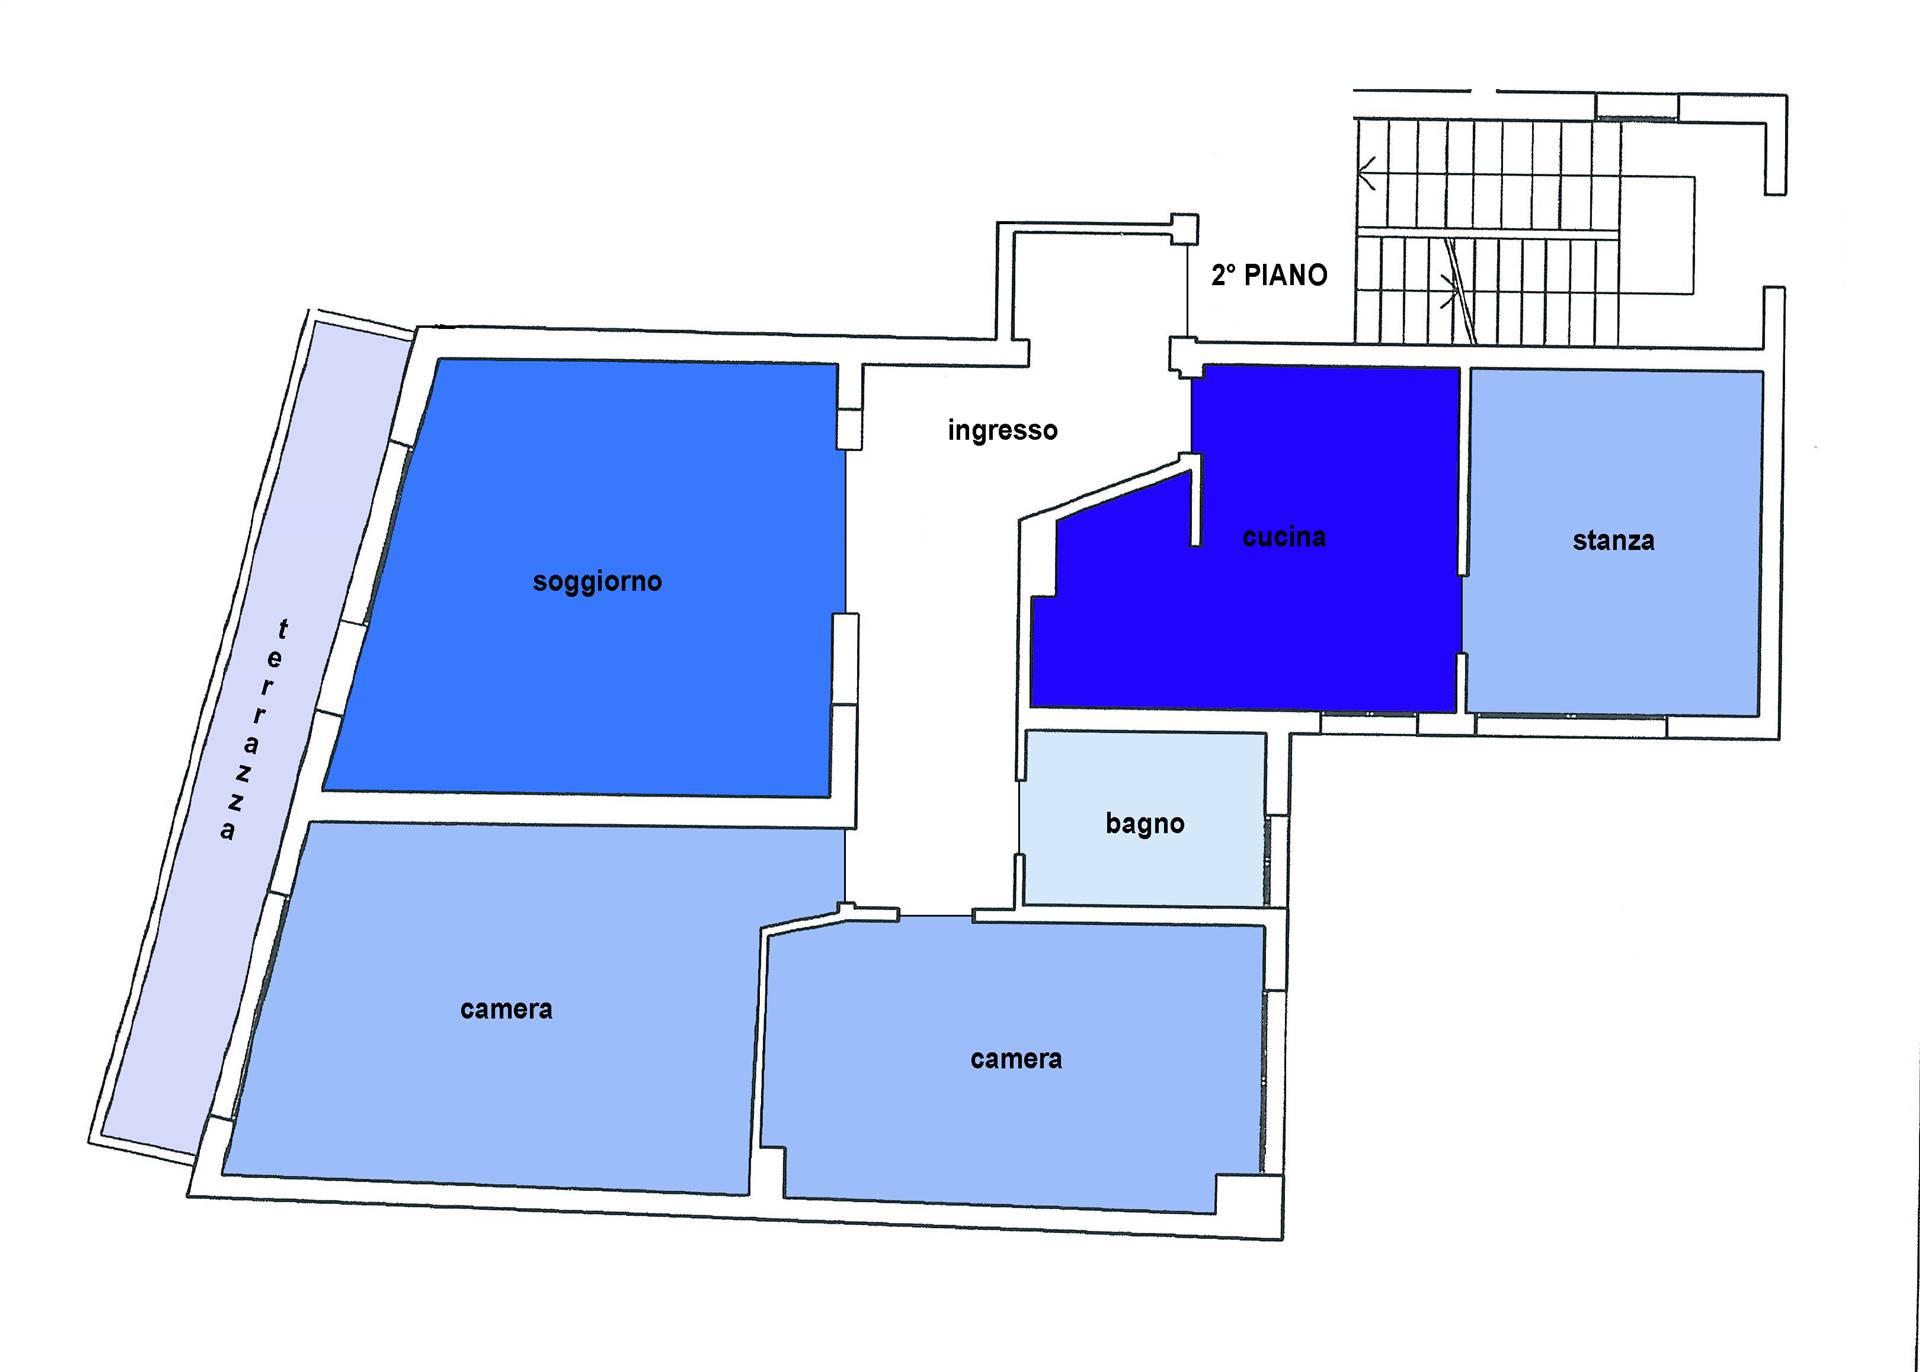 Mestre centro via Verdi comodo a tutti i servizi a due passi da piazza Ferretto, proponiamo appartamento di ampie dimensioni (105 mq calpestabili)